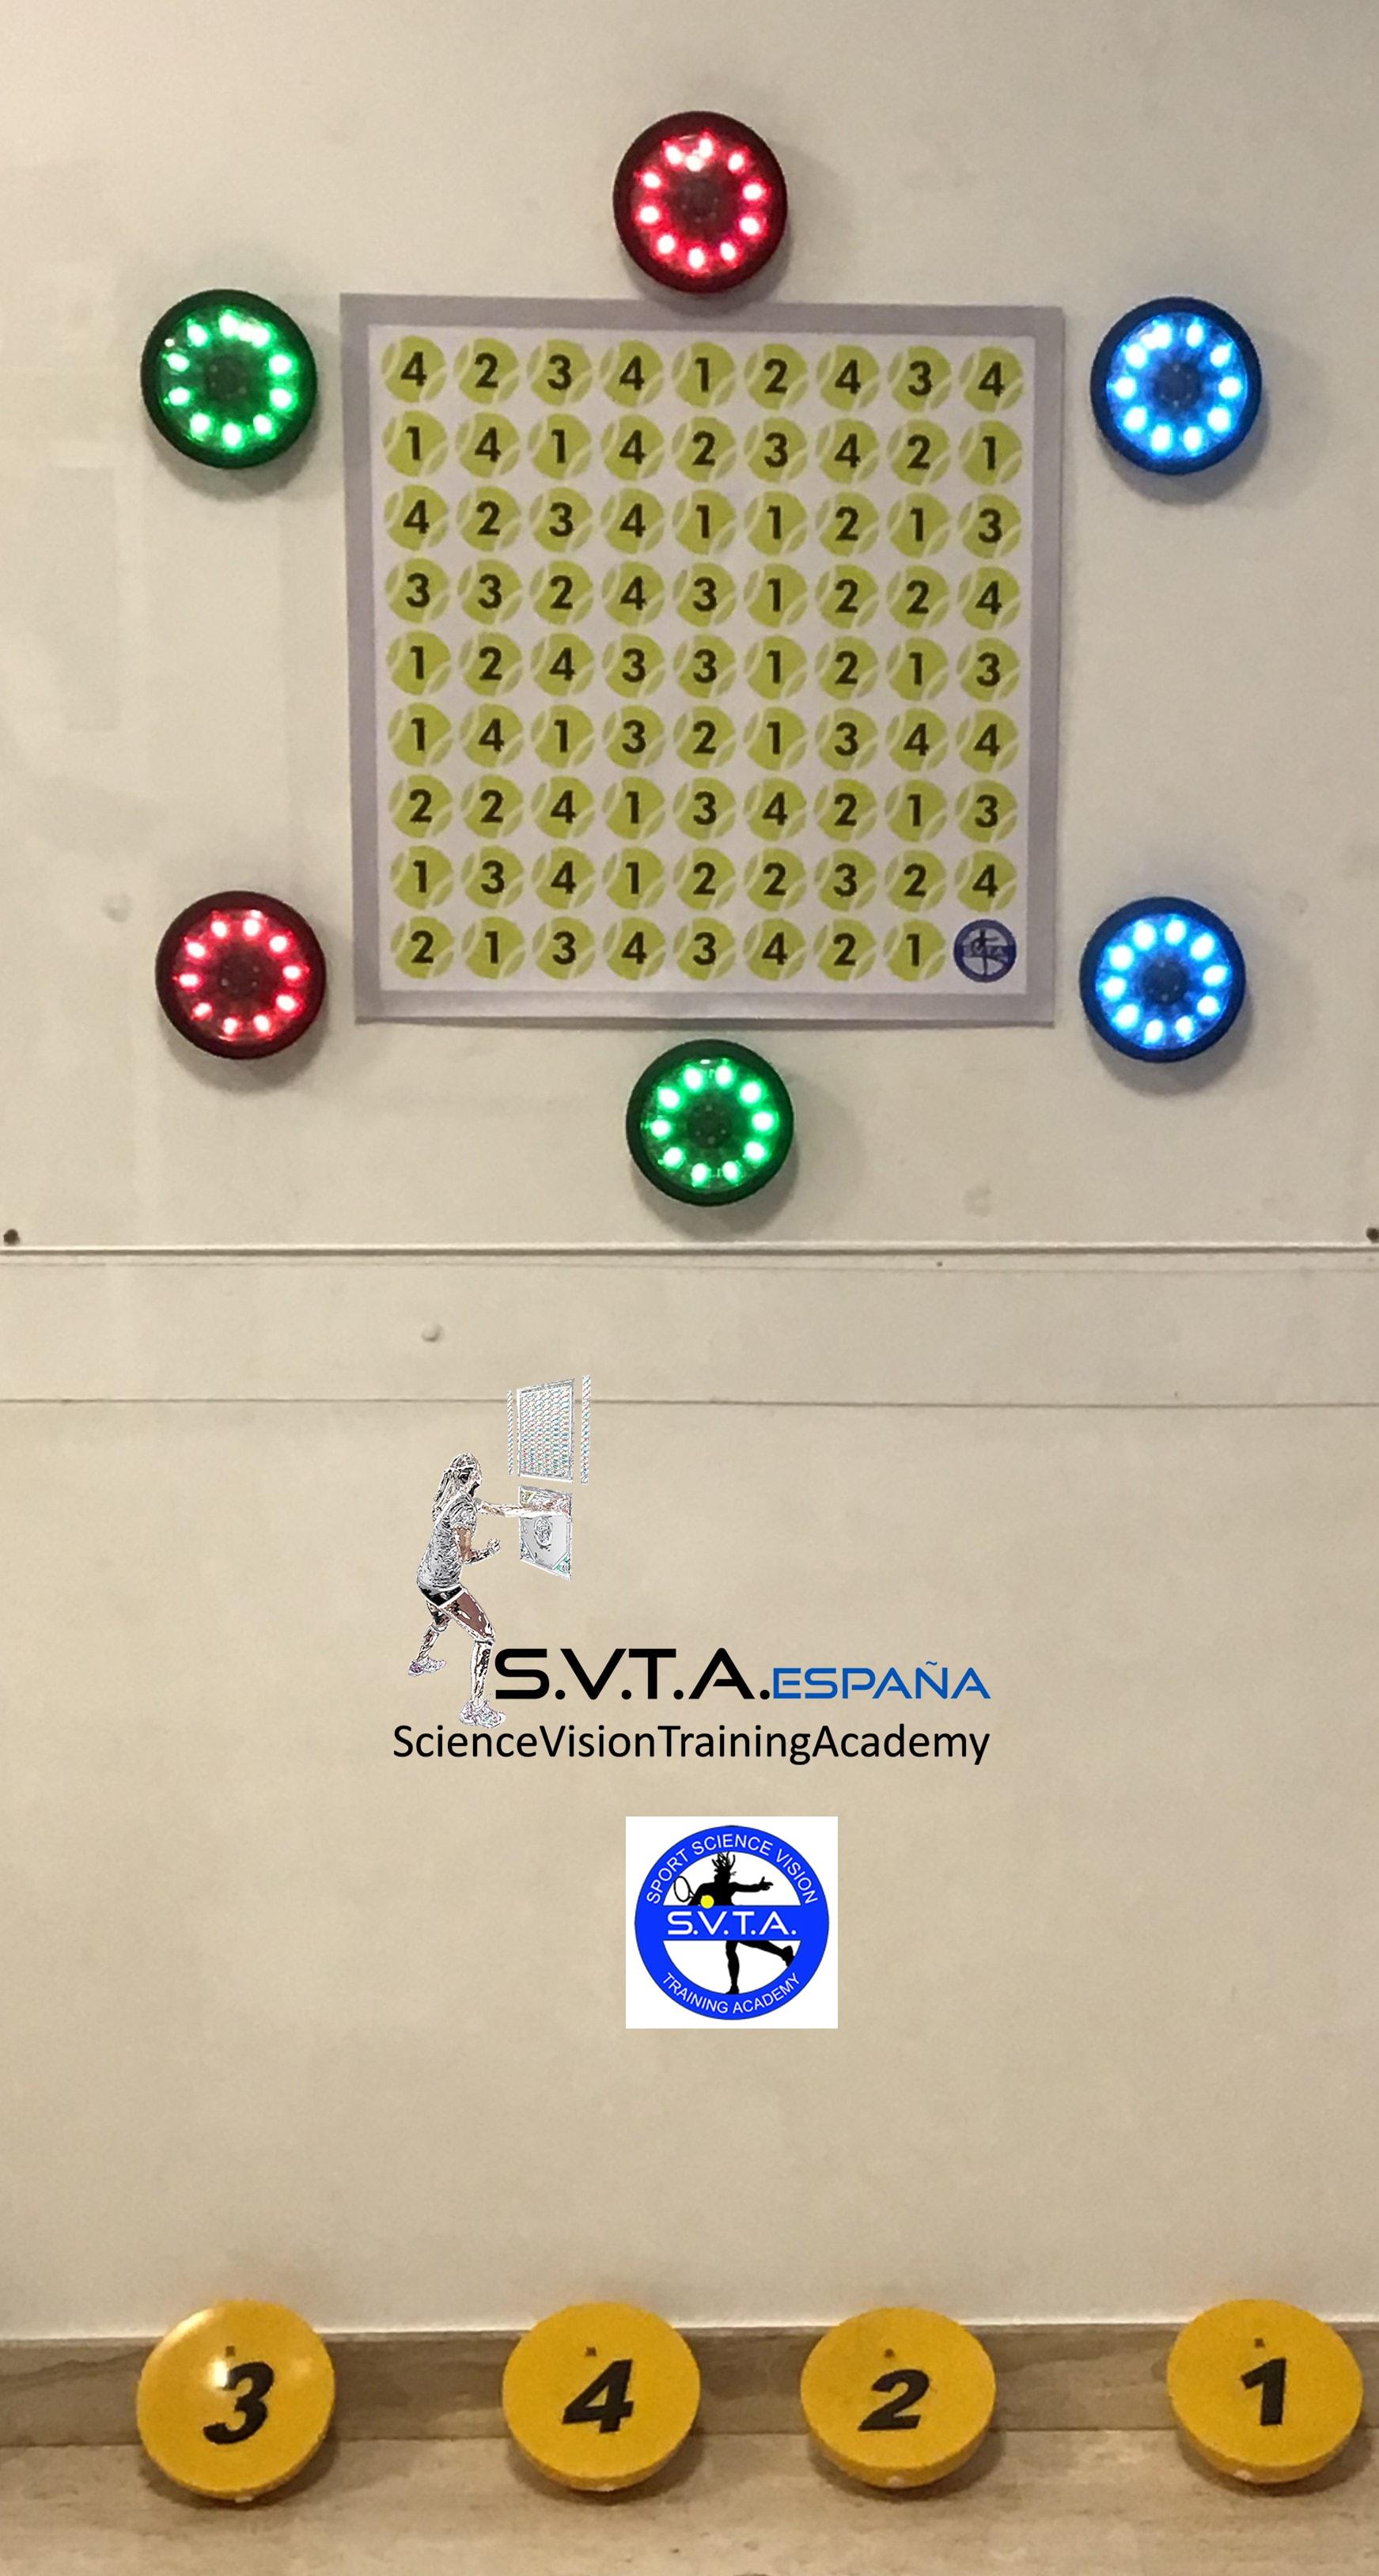 Entrenamiento Higuain S.V.T.A